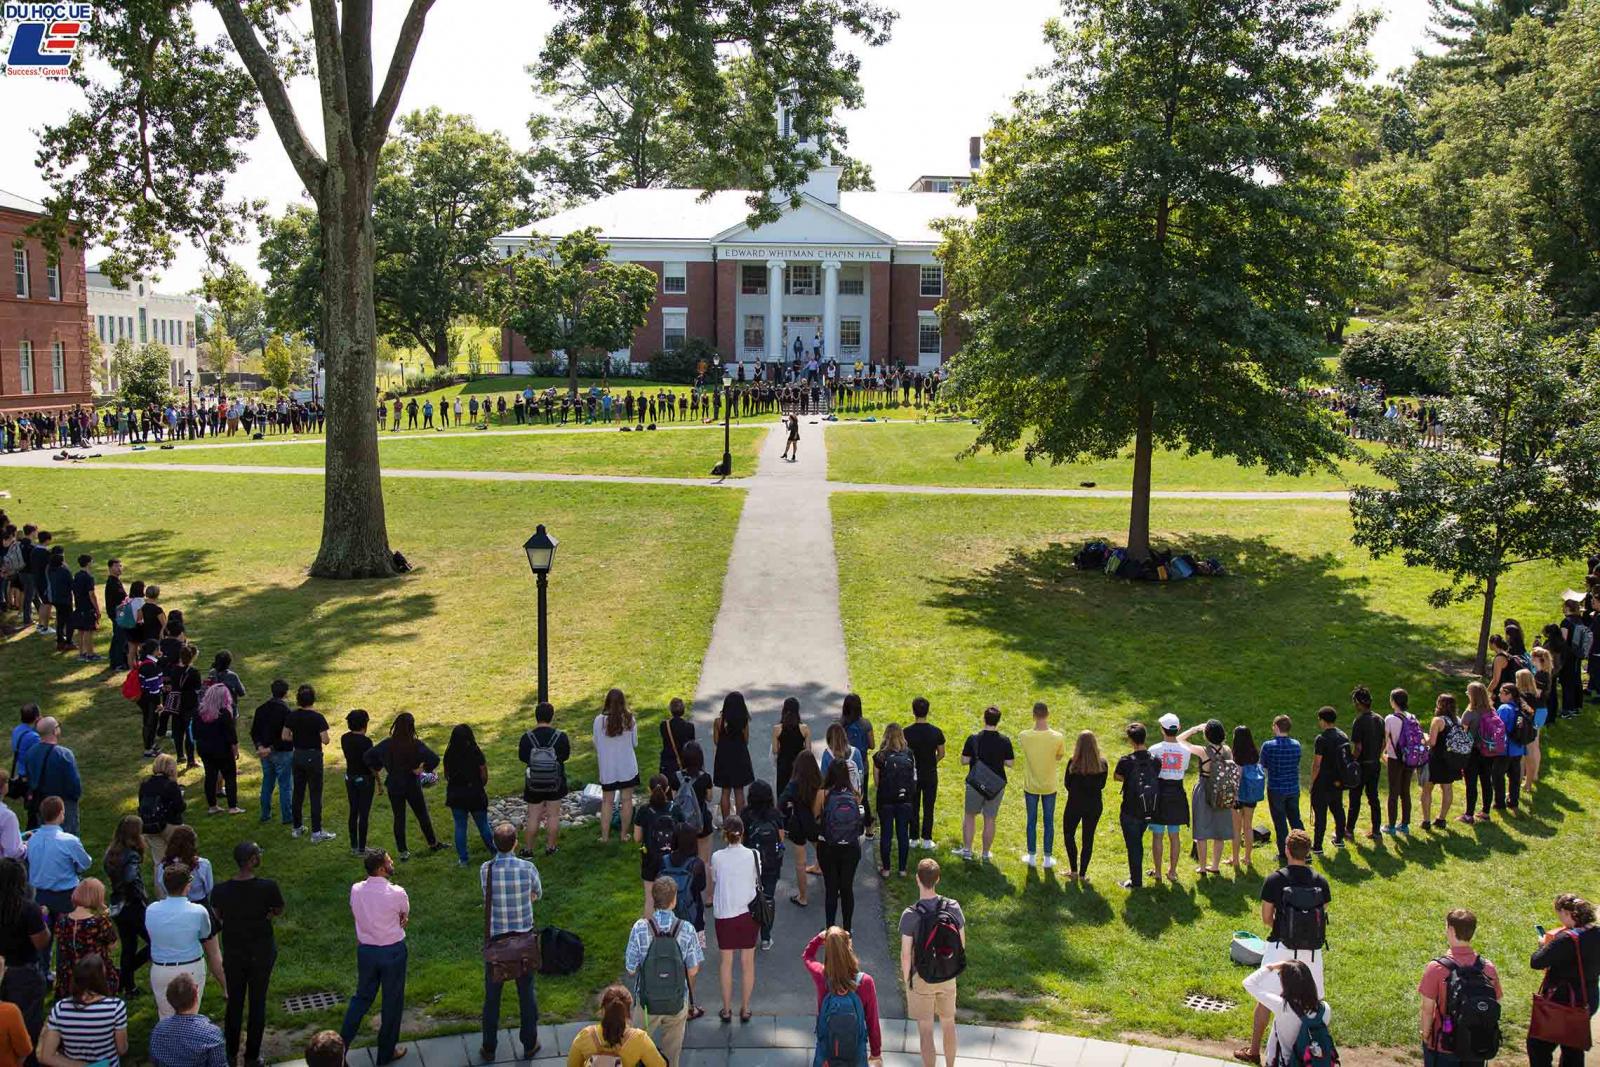 Cơ hội đặt chân đến Mỹ bằng học bổng toàn phần tại Amherst College 2